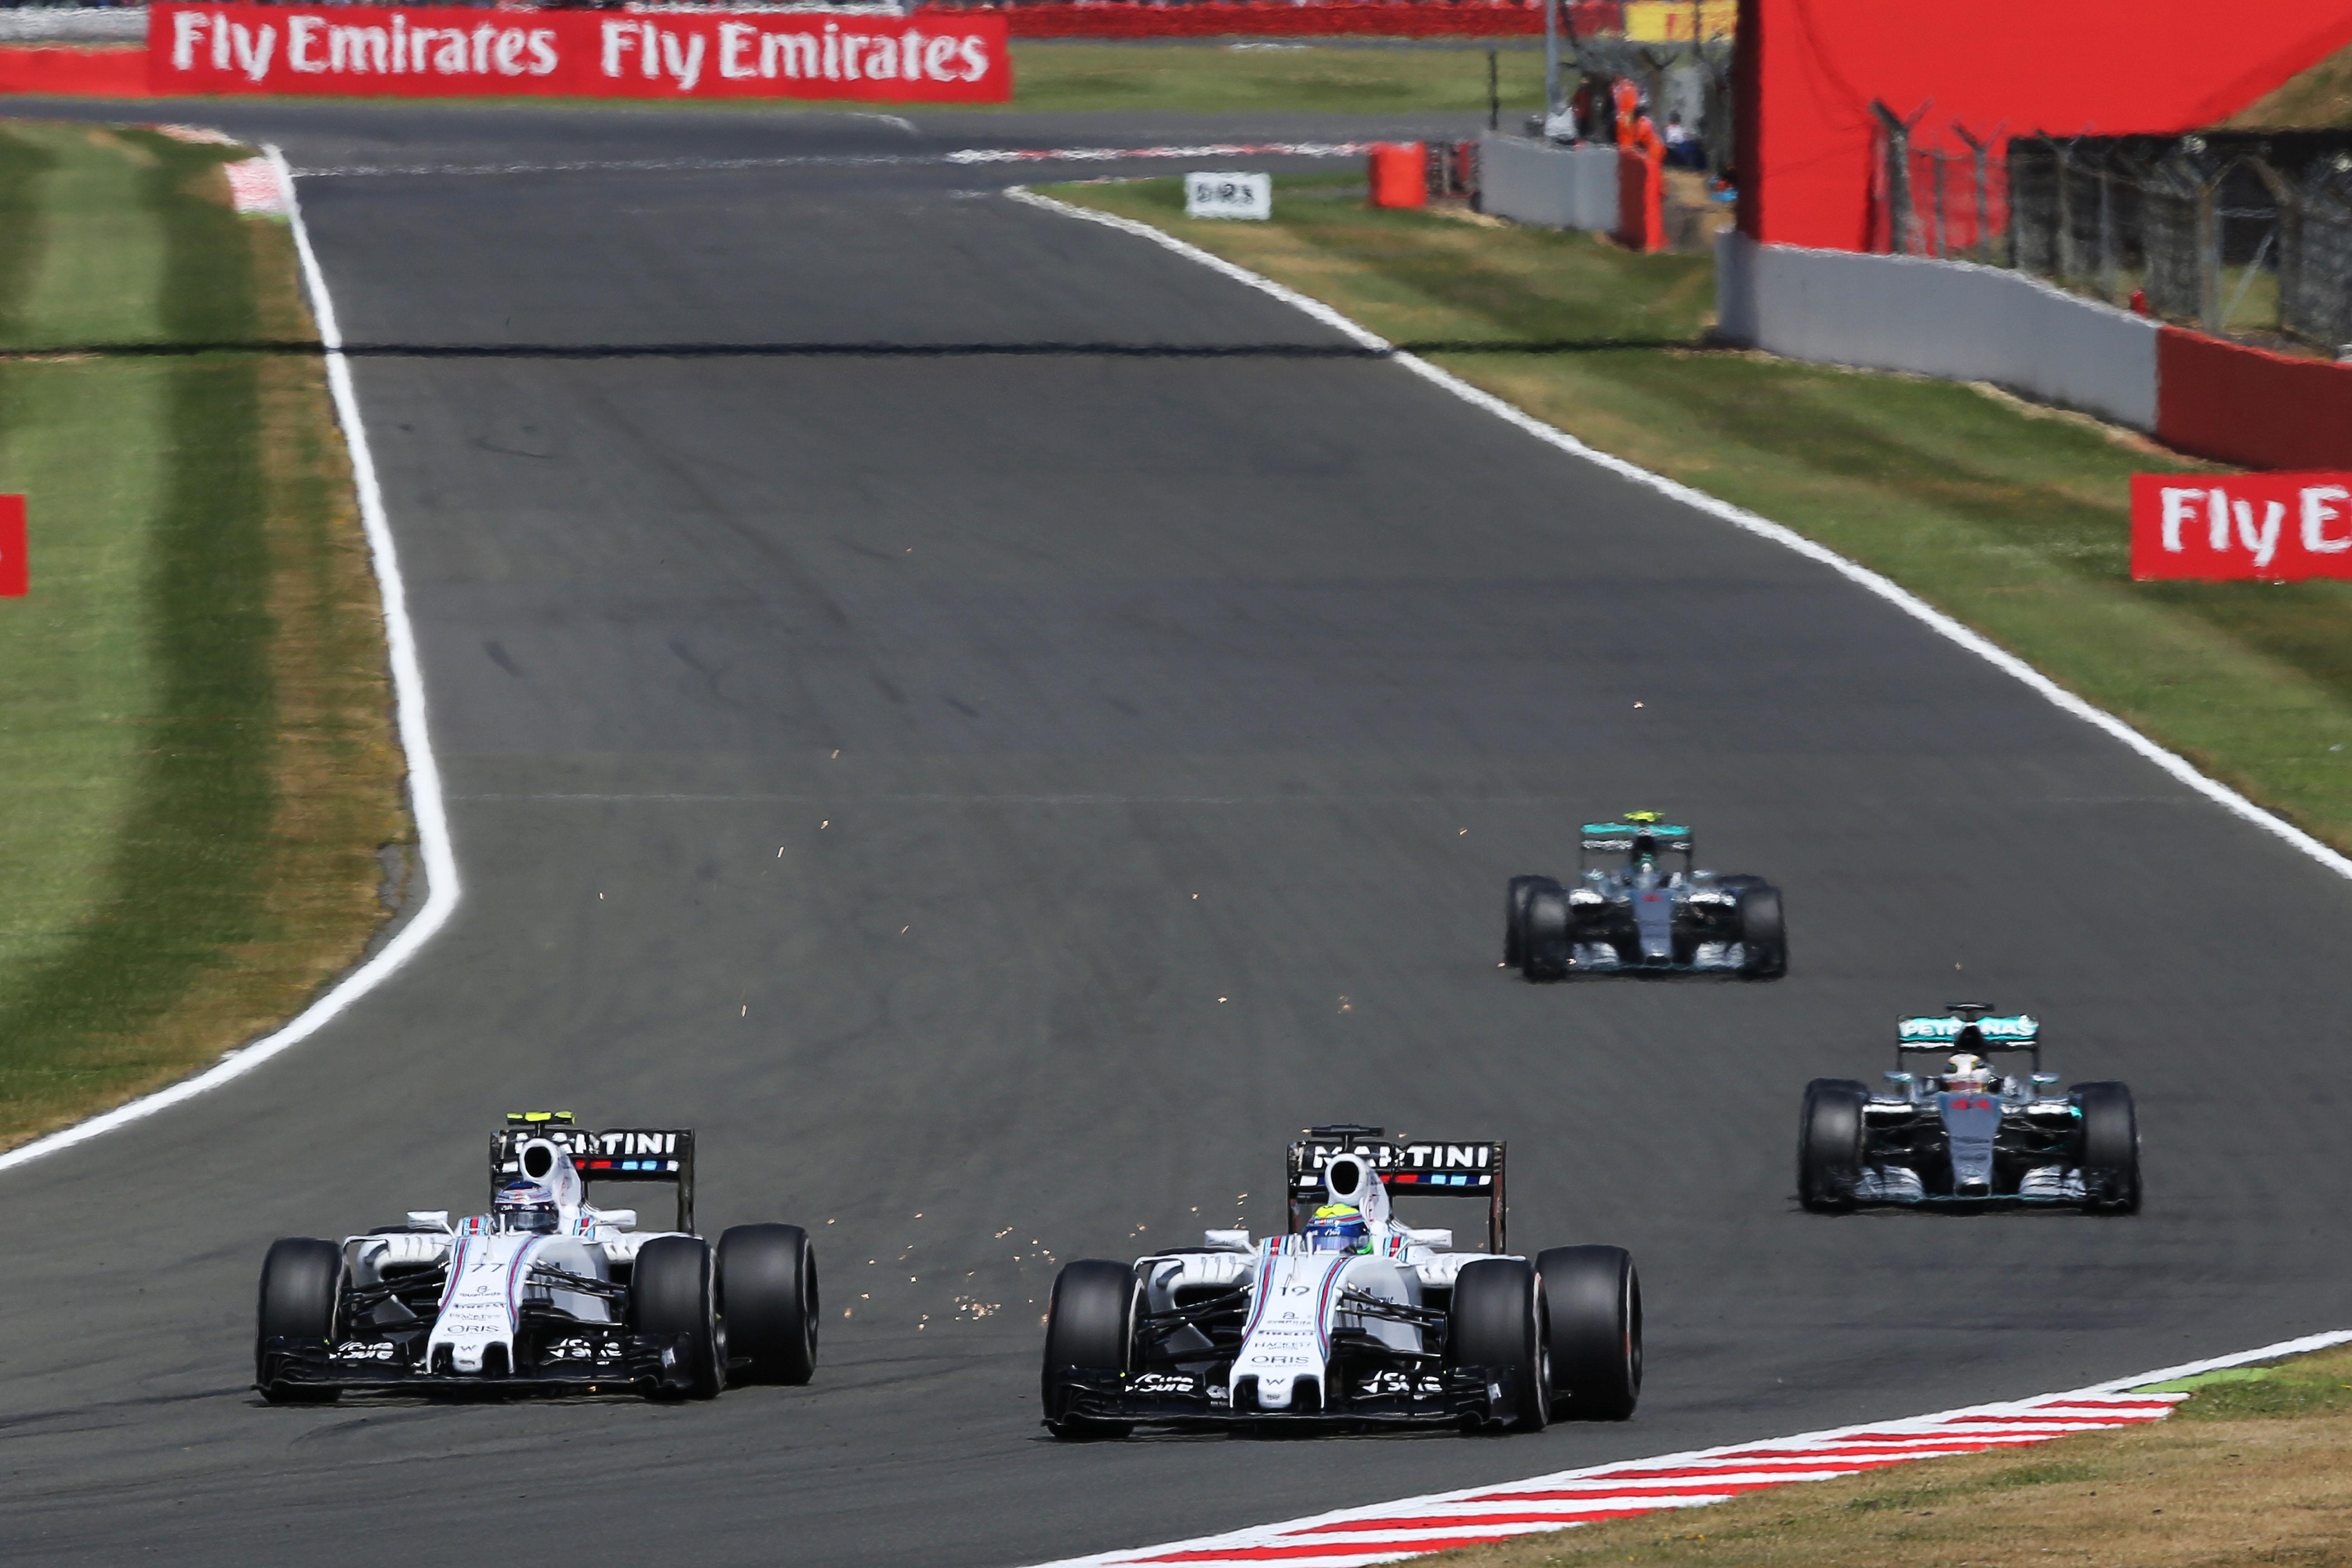 F1 2015, British GP, Williams, Mercedes